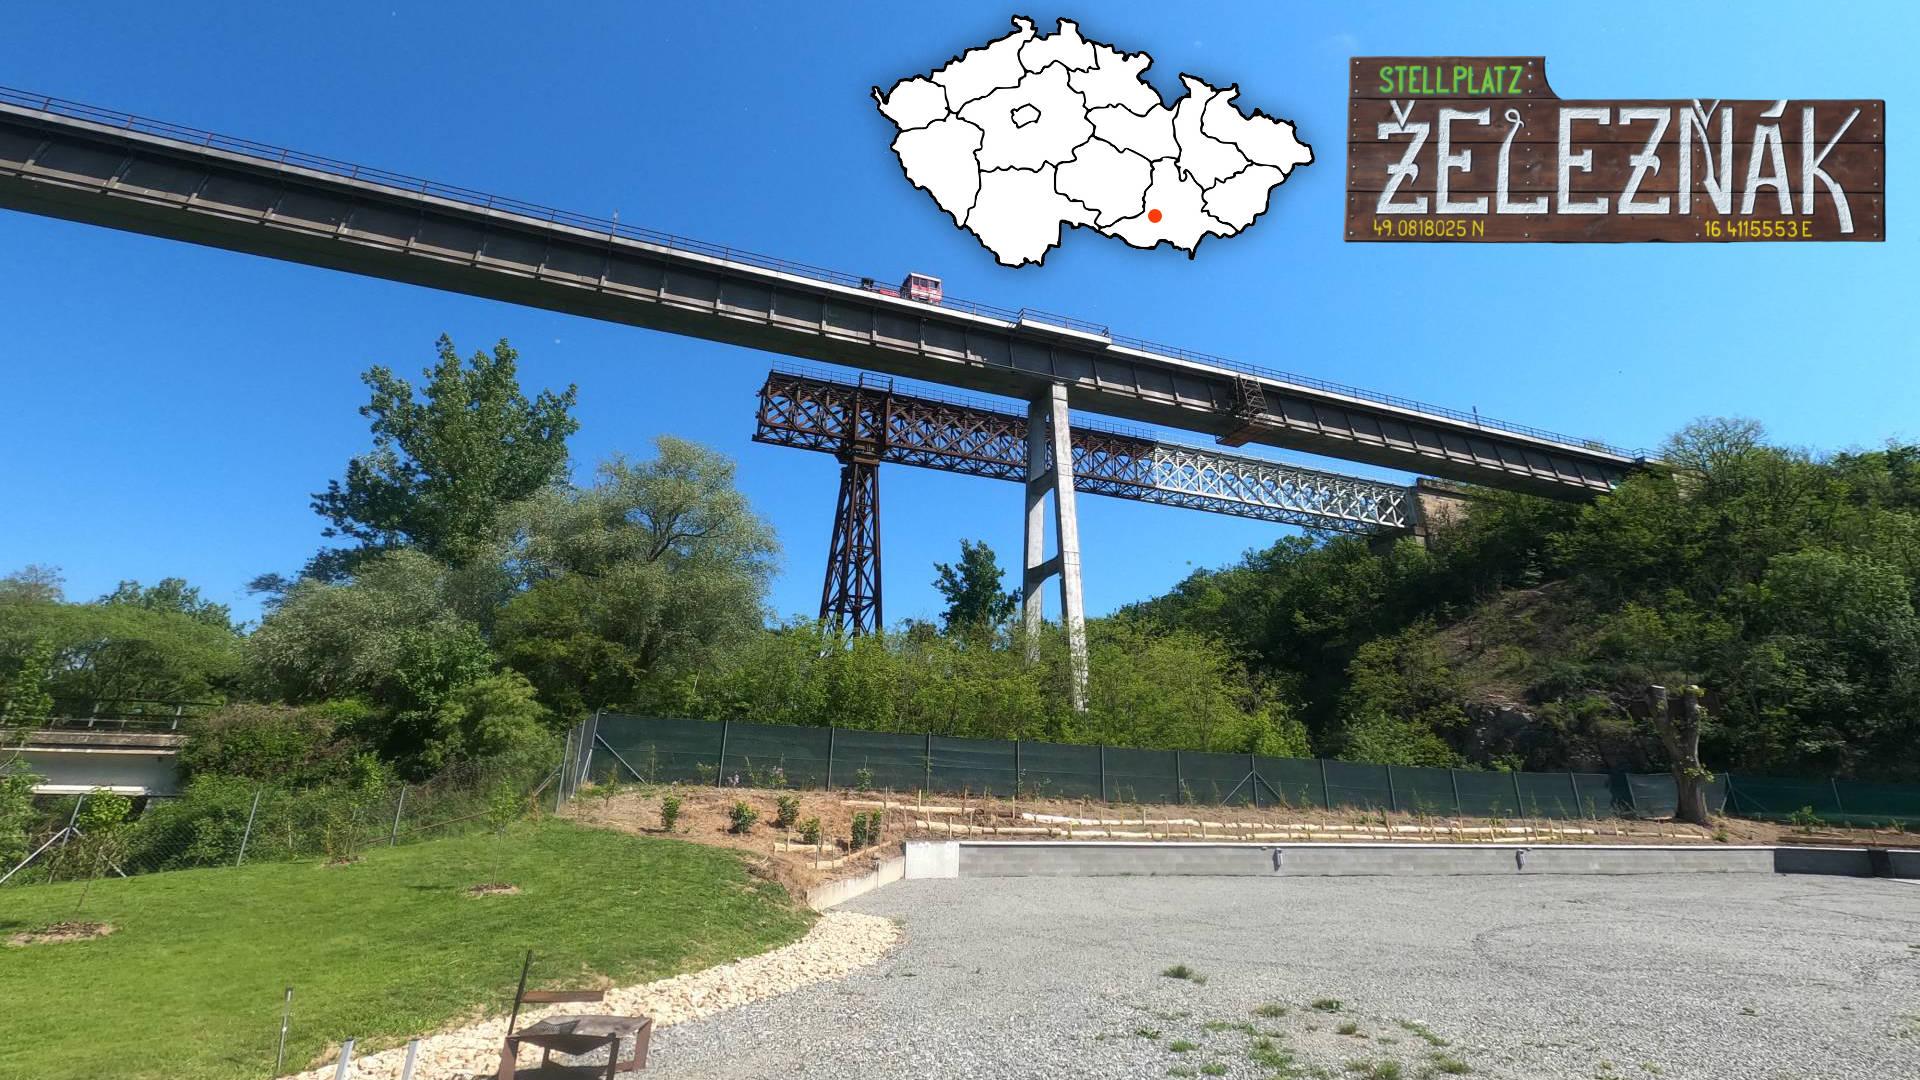 Stellplatz Železňák - karavanové stání pod Ivančickým viaduktem